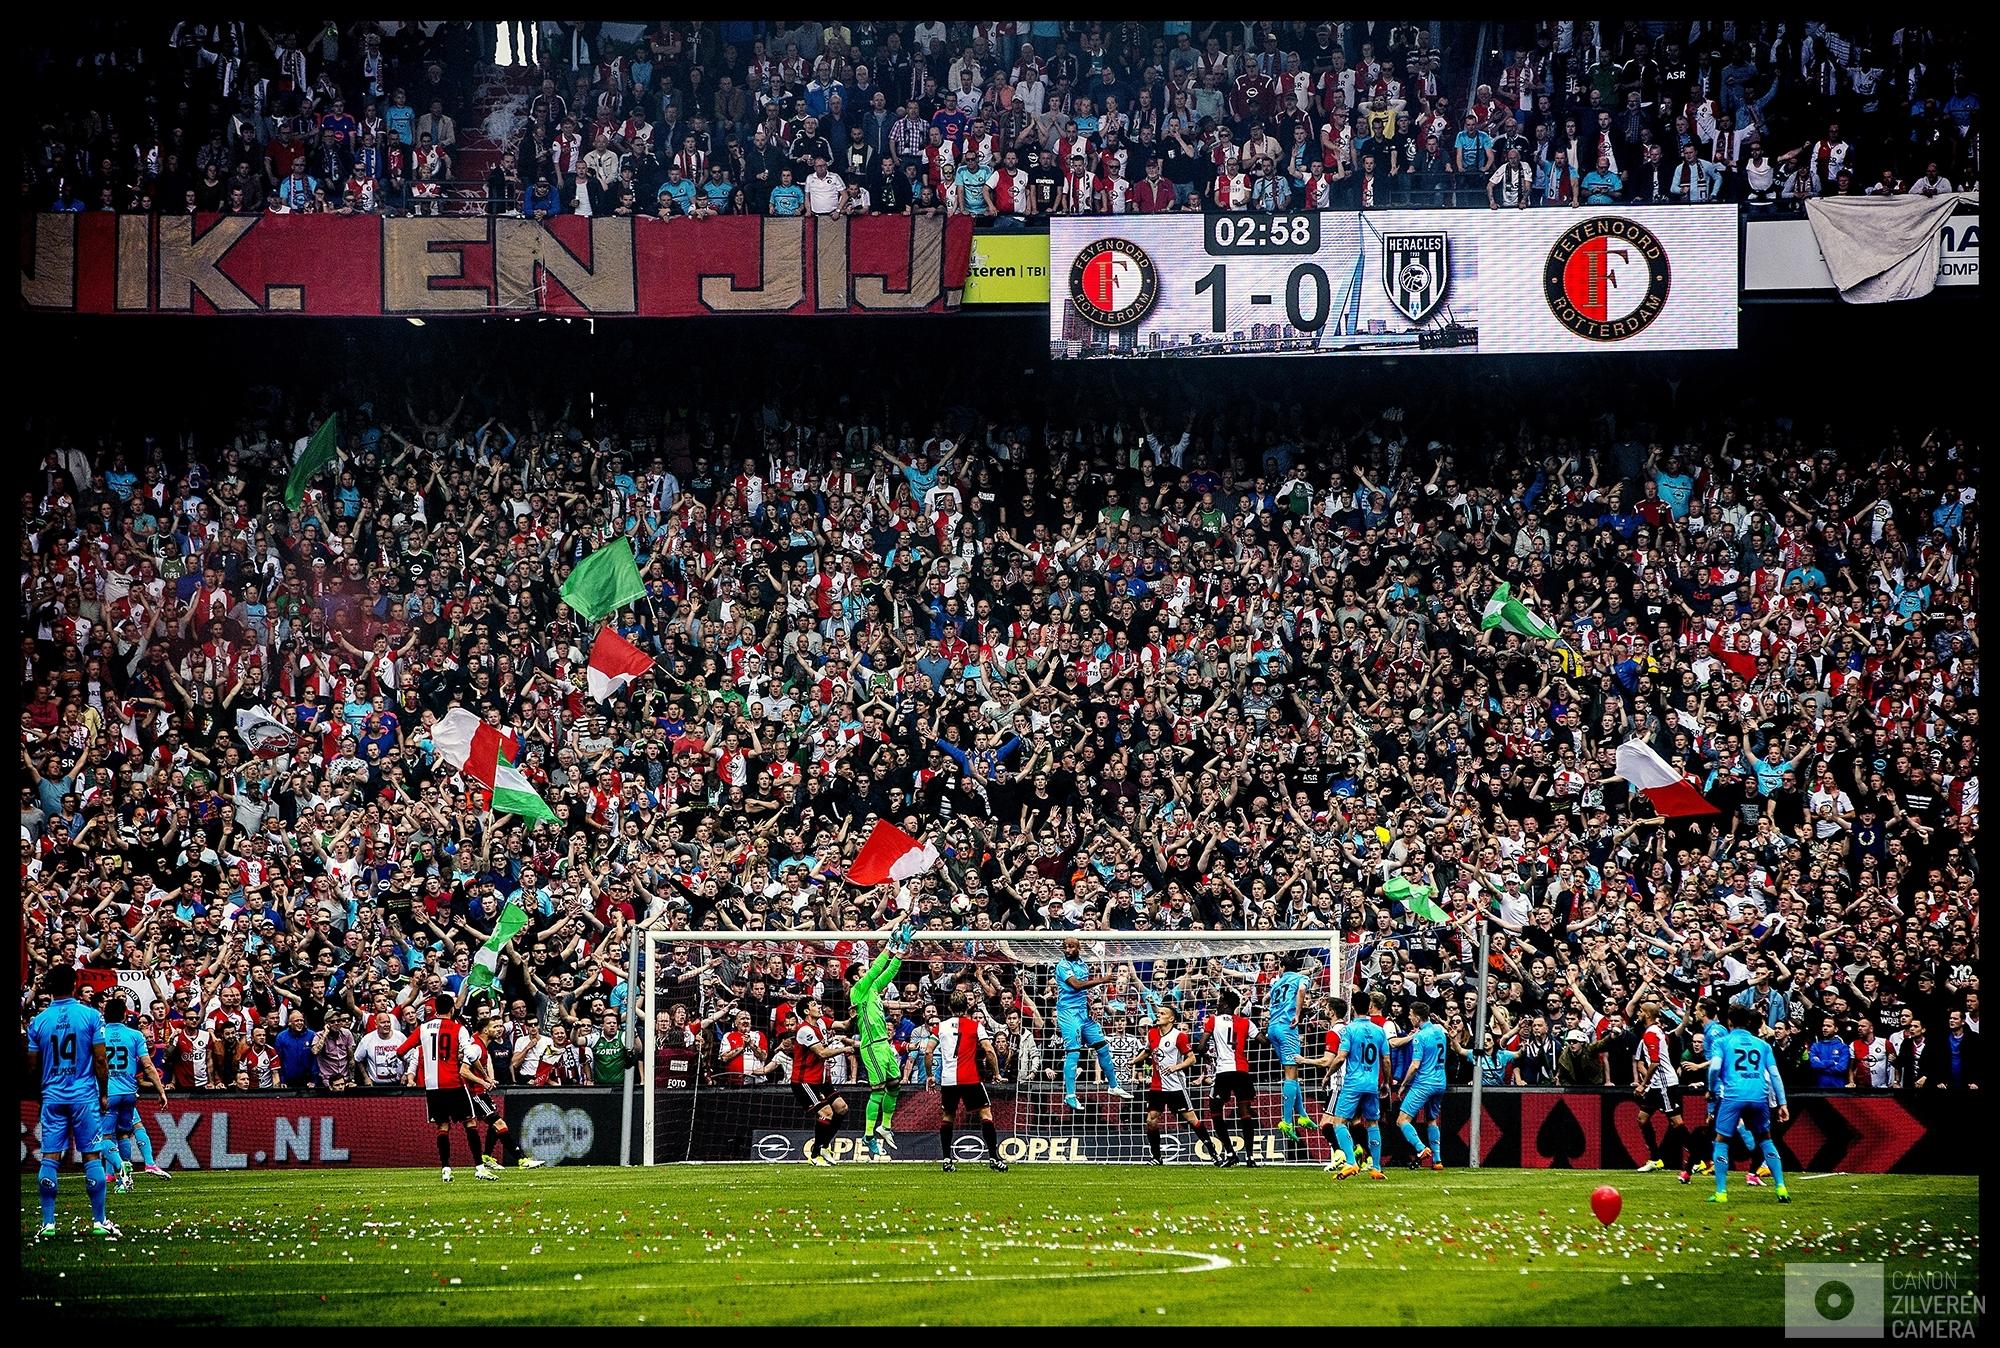 Nederland, Rotterdam, 14-05-2017Foto 3Serie landskampioenschap Feyenoord seizoen 2016/2017Als Dirk Kuyt de 1-0 gescoord heeft kan het niet meer fout gaan. De Kuip verandert in een kolkende hunkerende massa naar de eerste landstitel sinds 18 jaar.